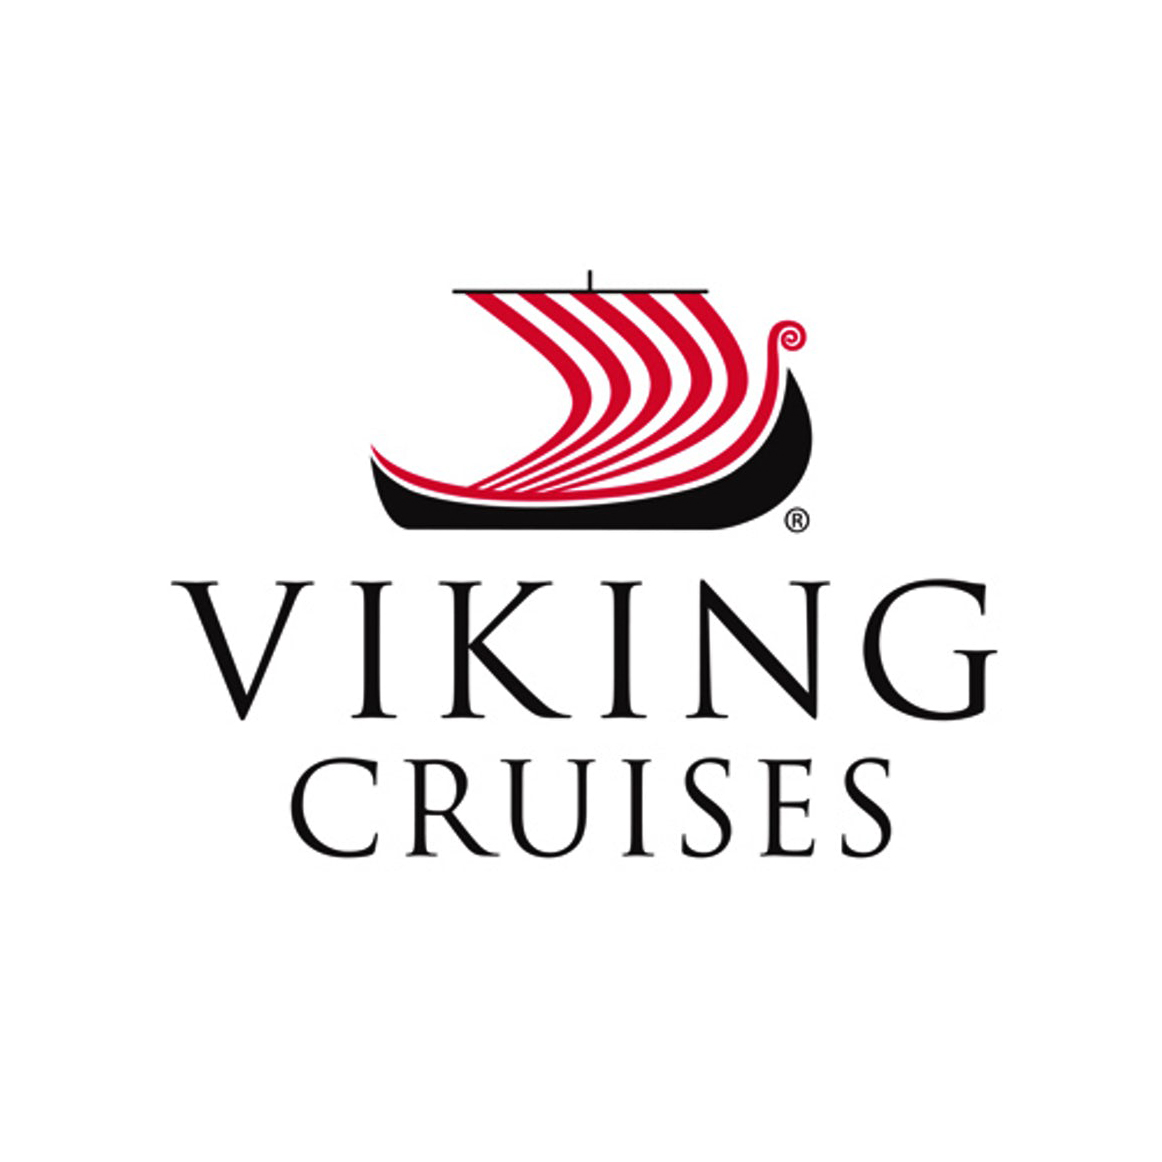 Viking Cruises.jpg